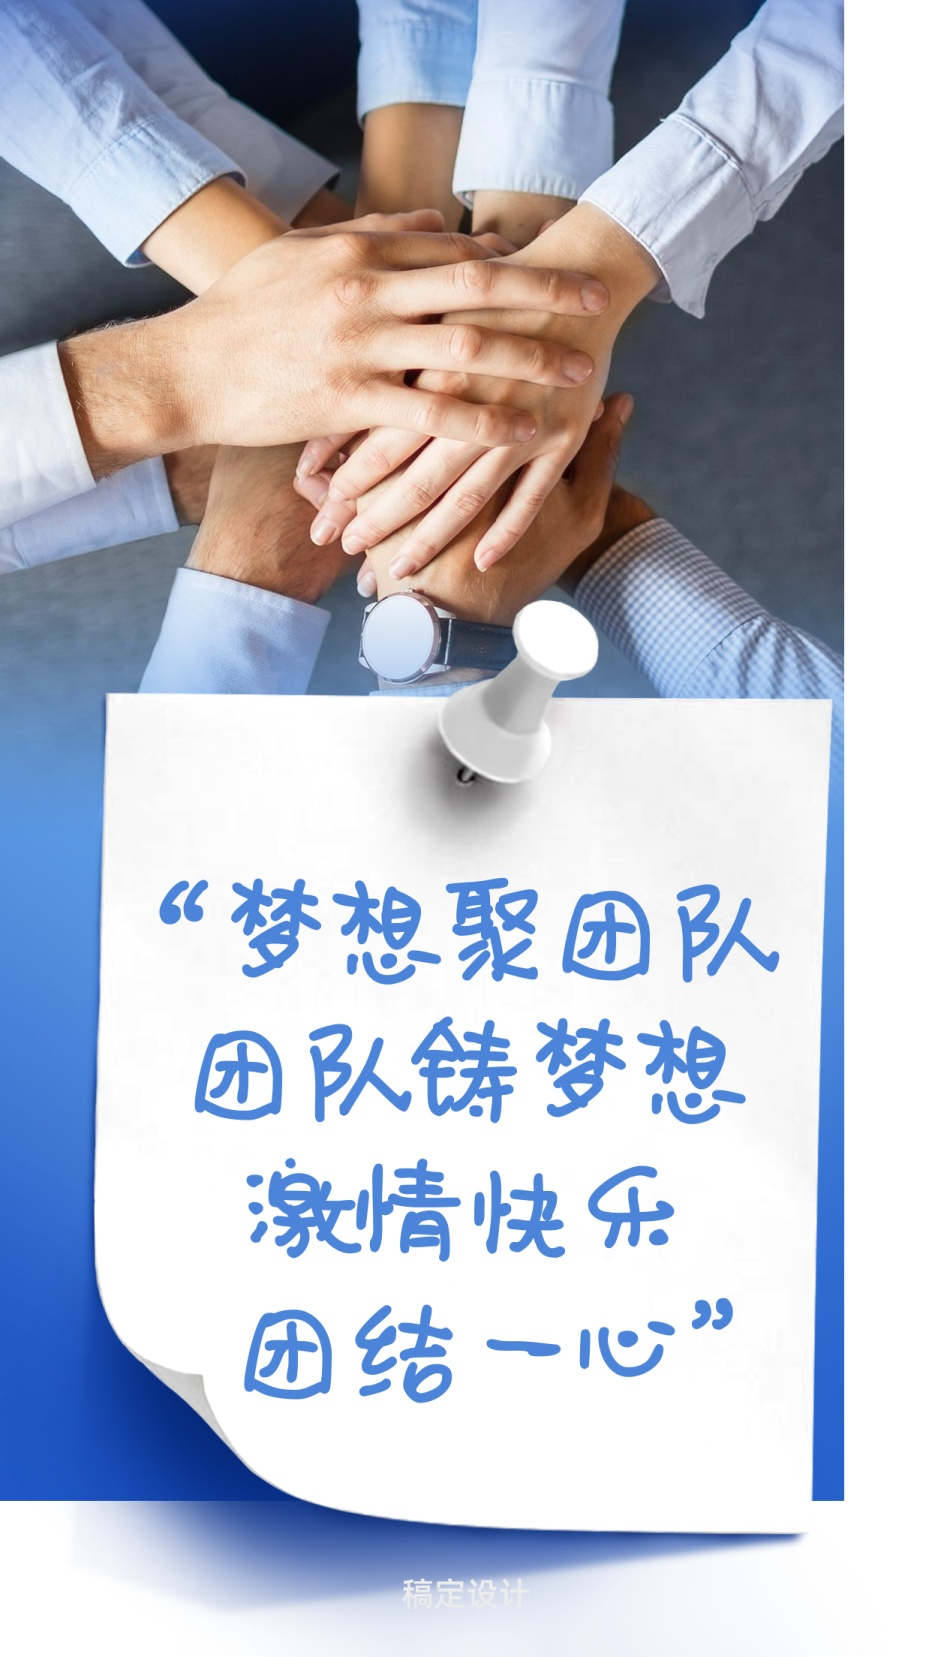 企业文化/团队/实景/手机海报